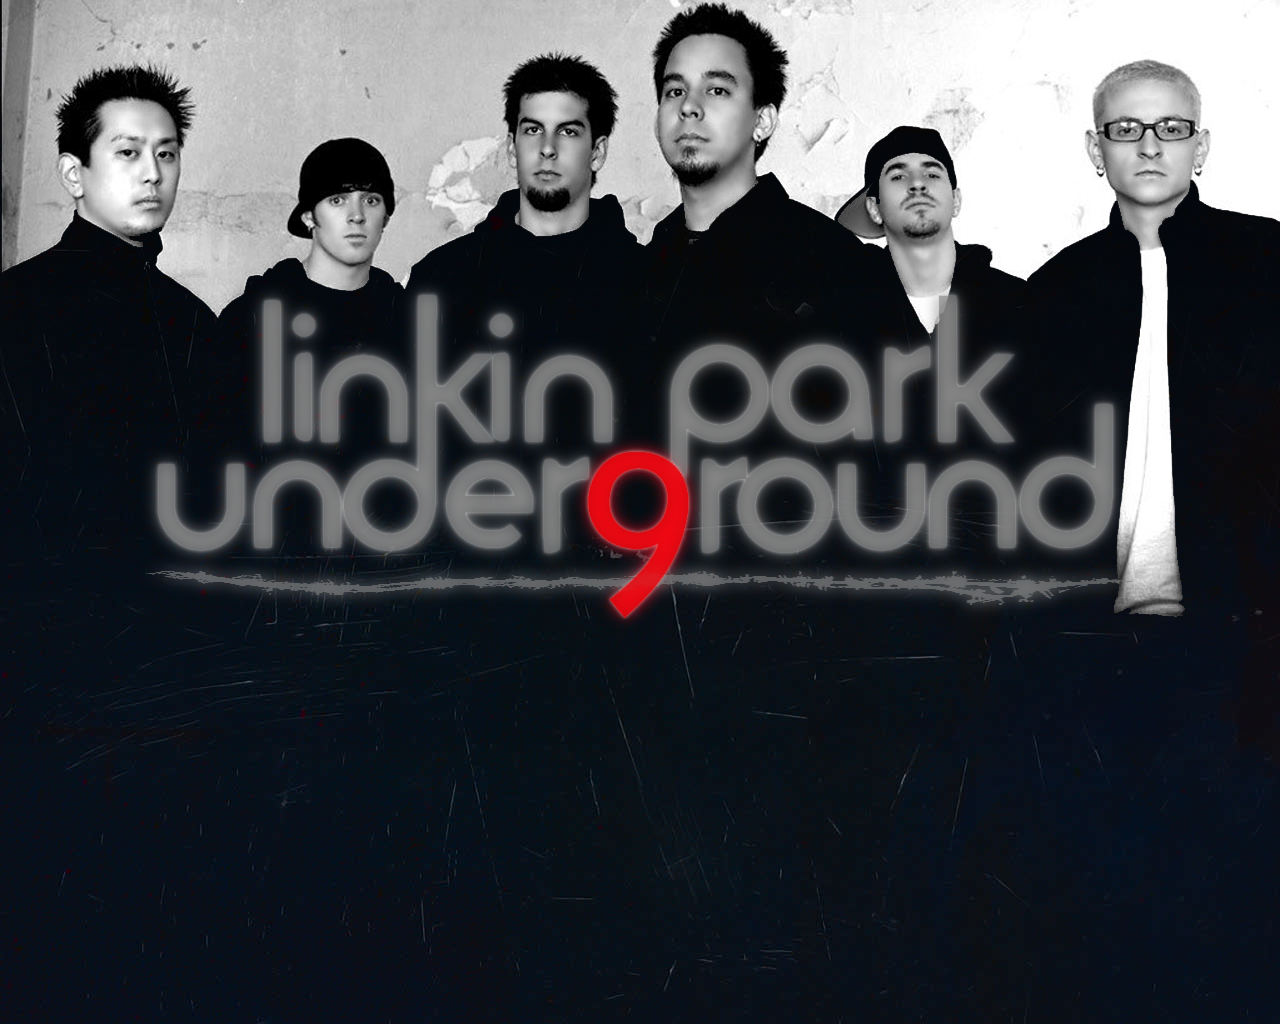 Linkin Park Underground 9 By Melon1992 On DeviantArt